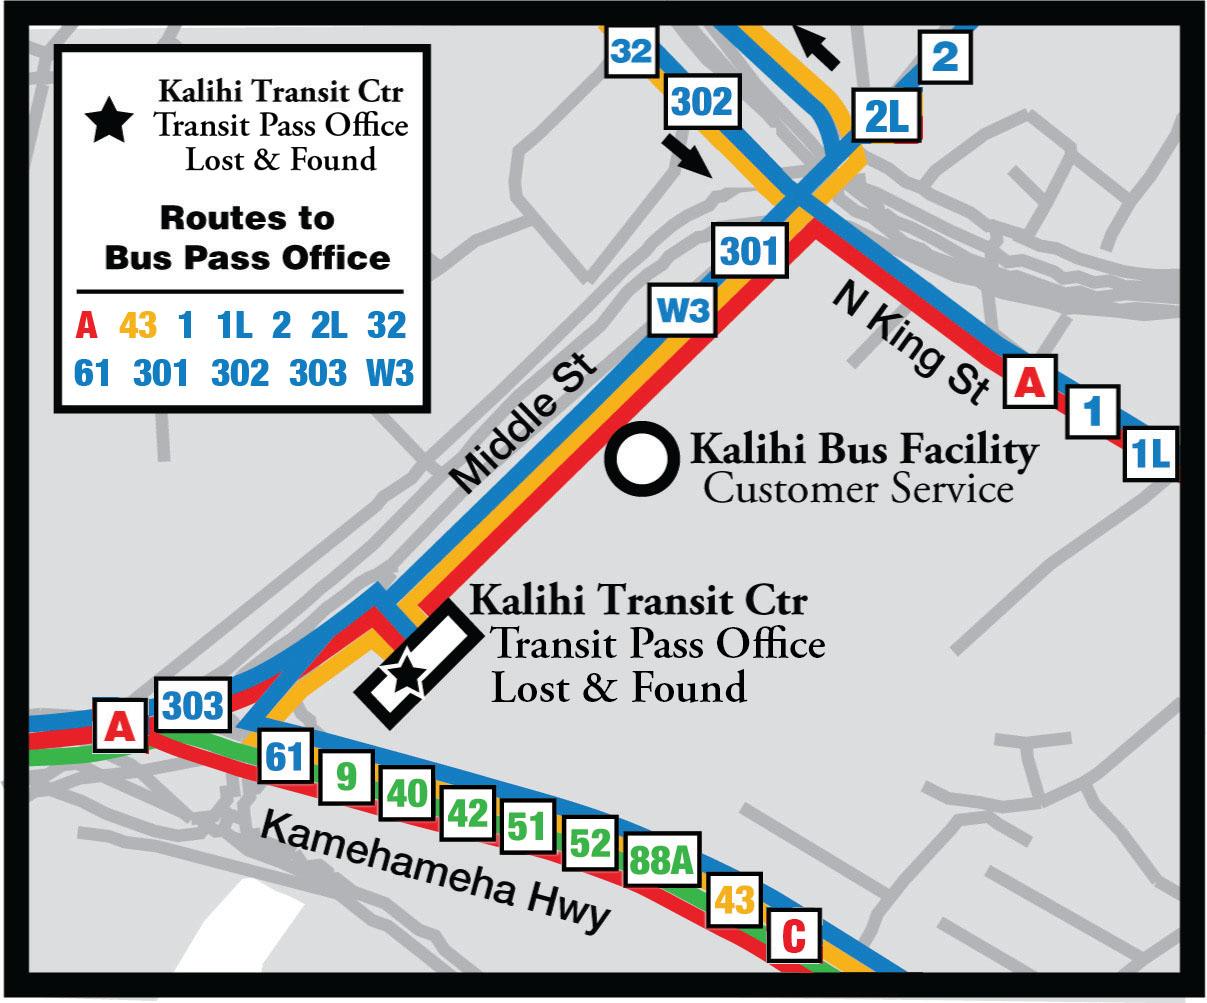 Kalihi Transit Facility Map